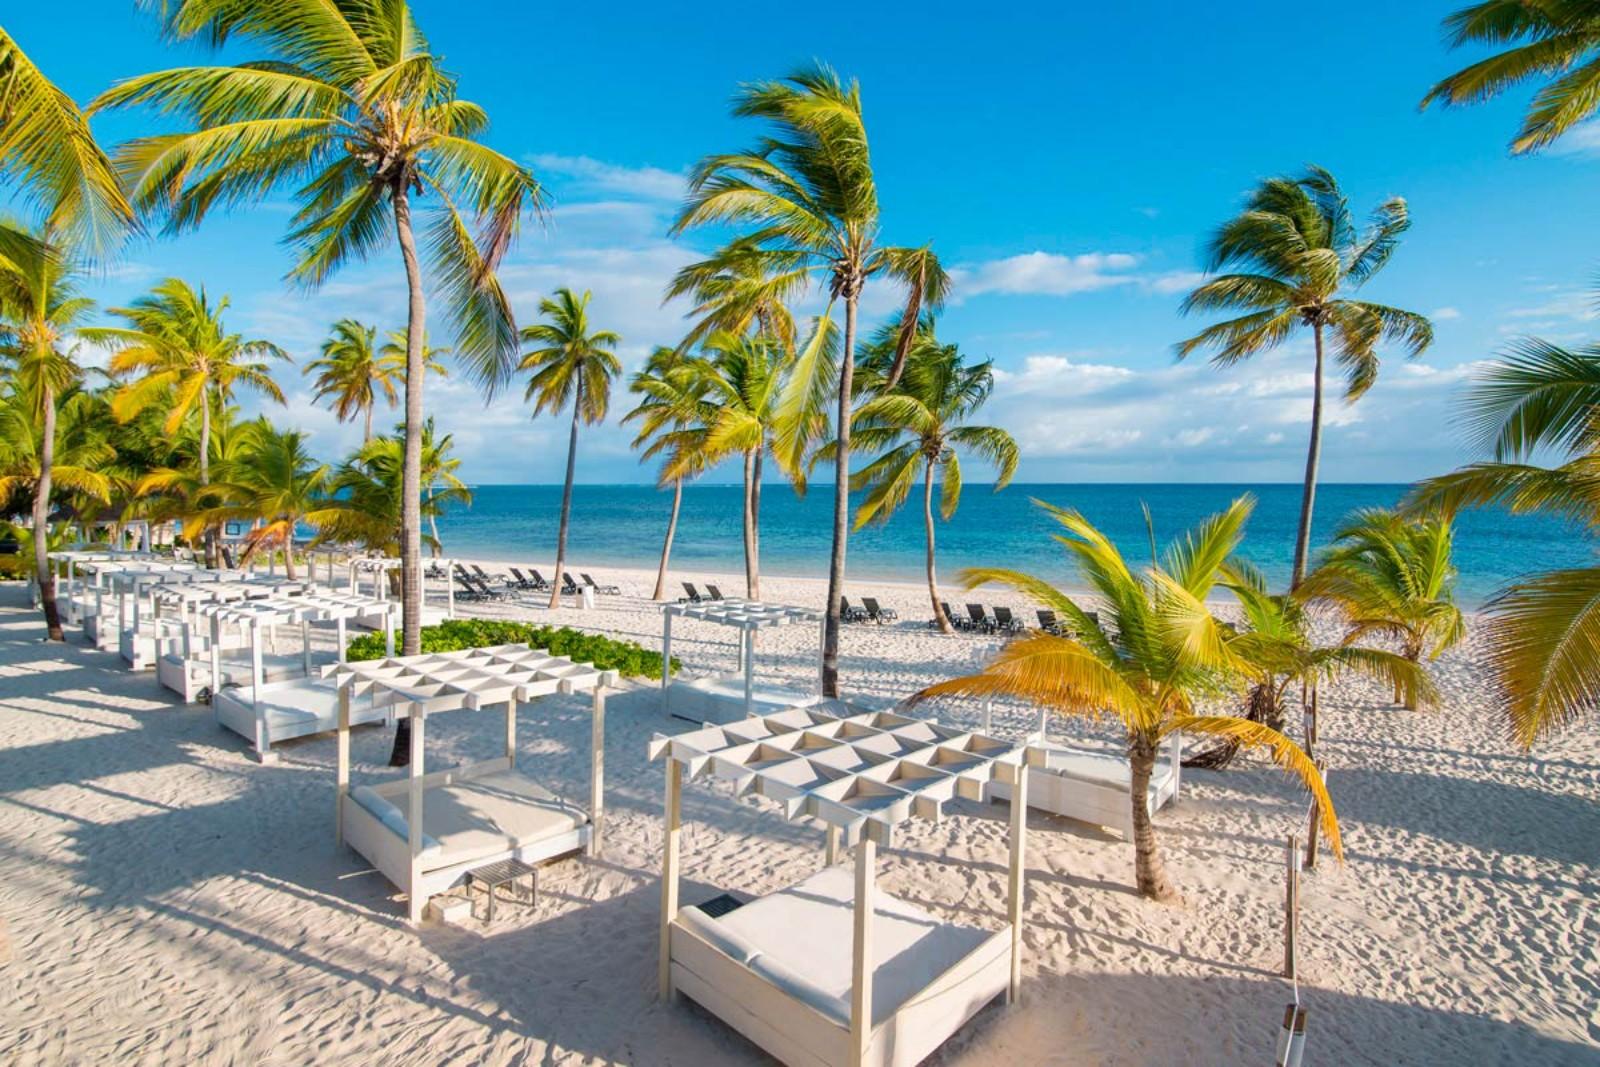 A Catalonia Royal Bavaro szálloda egy luxusparadicsom, mely csak felnőtt vendégeket fogad a karib tenger partján a Bavaro lagúna mellett. A szálloda közvetlenül a Bavaro beach partszakaszon fekszik, kókuszpálmák és a türkizkék óceán között, Punta Cana repülőtértől fél órás autóútra. Az kis villaépületek egy hatalmas trópusi kertben helyezkednek el. A szálloda magas szintű All Inclusive szolgáltatásai miatt nászutas pároknak és a legmagasabb luxust keresőknek ajánlott.